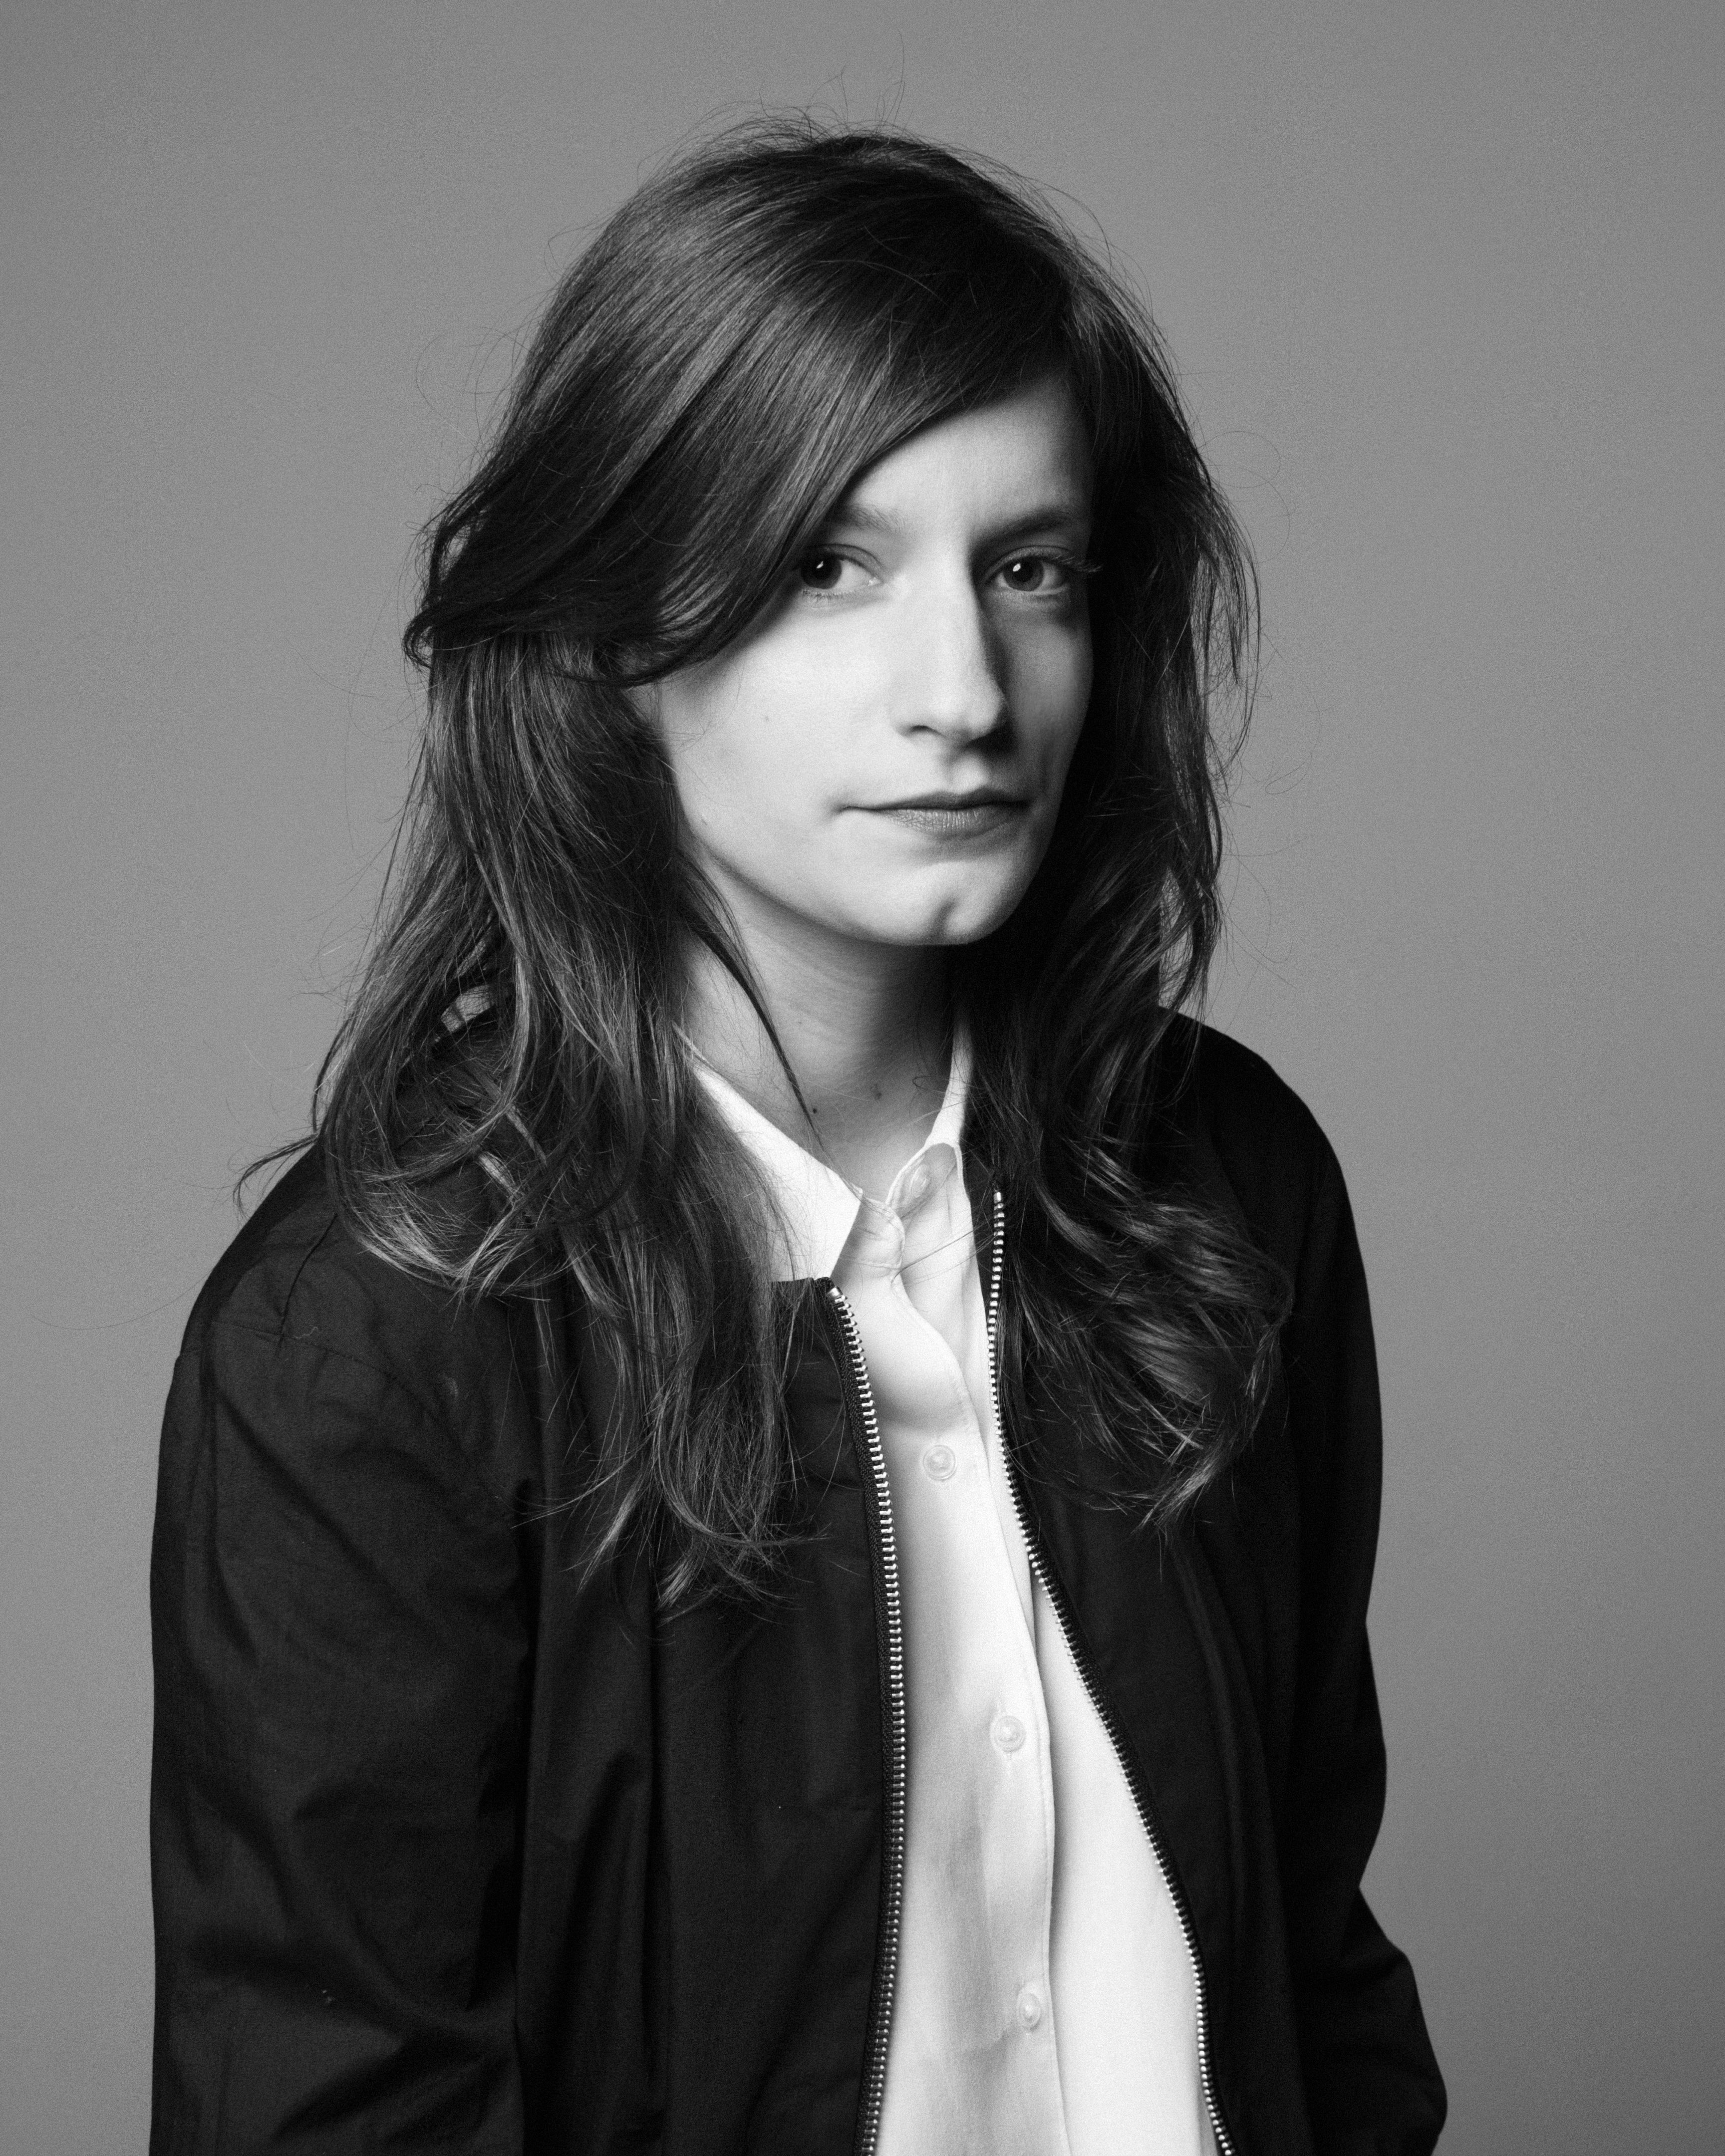 Justine Emard